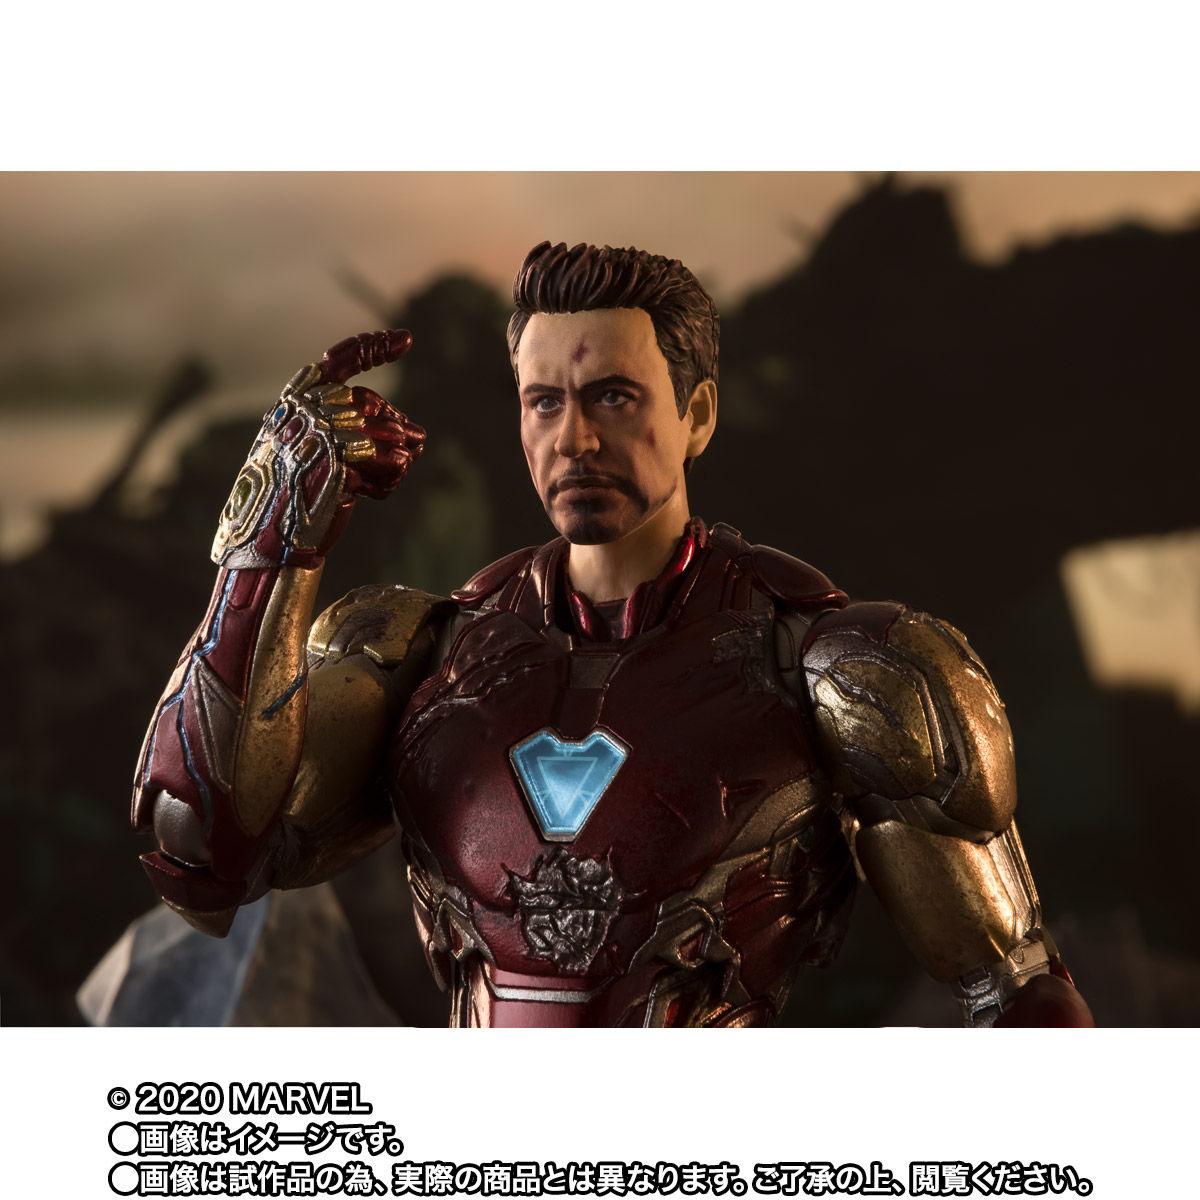 【限定販売】S.H.Figuarts『アイアンマン マーク85 -《I AM IRON MAN》EDITION-』アベンジャーズ/エンドゲーム 可動フィギュア-004